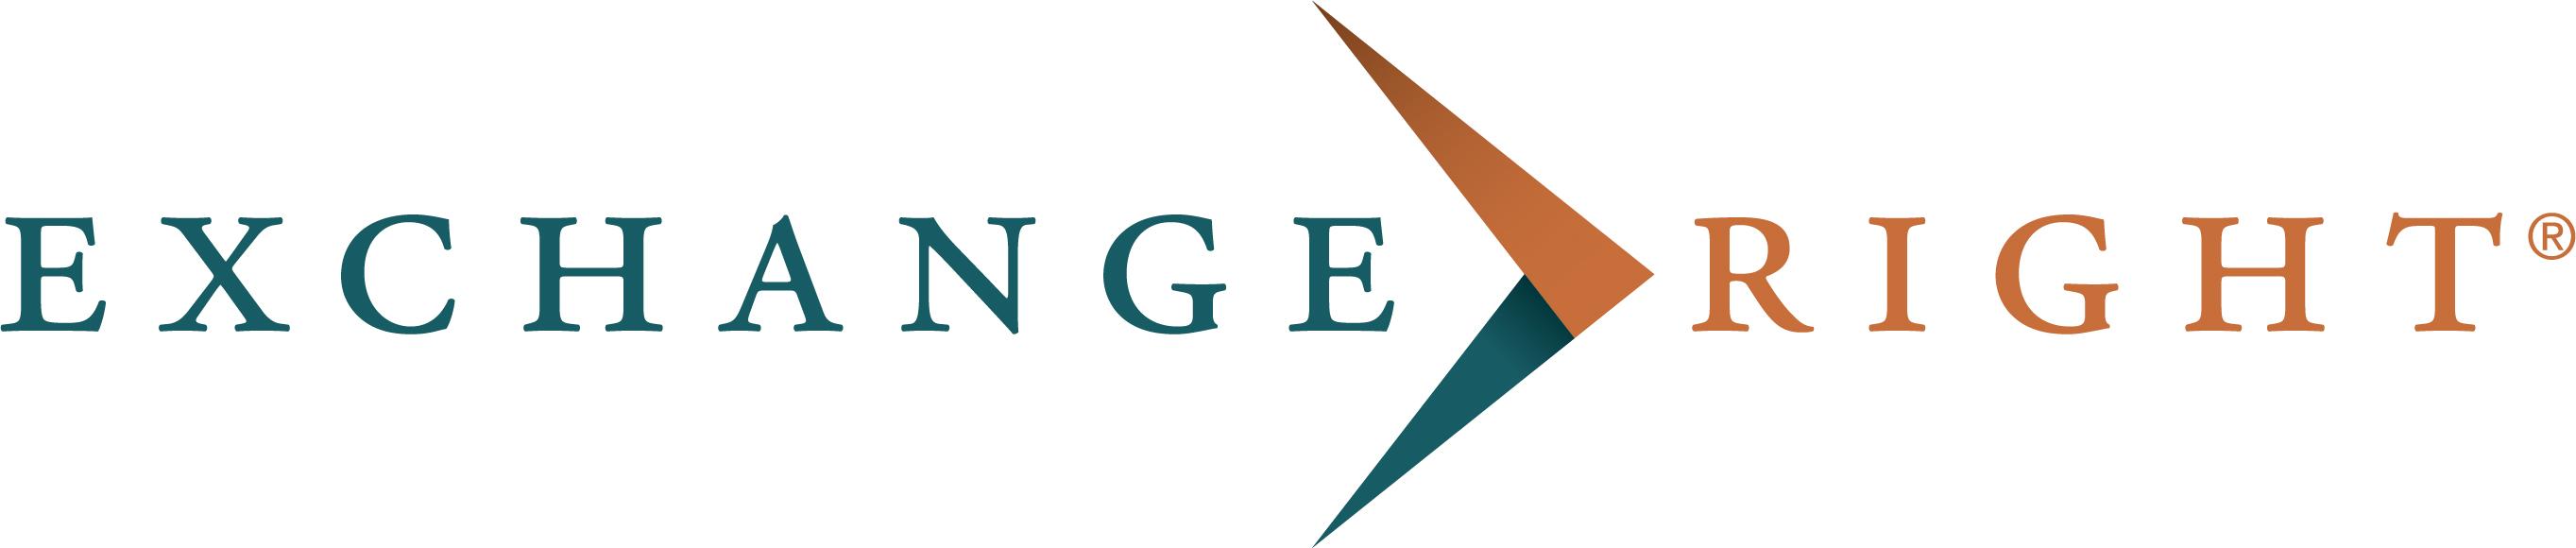 Exchangeright2020